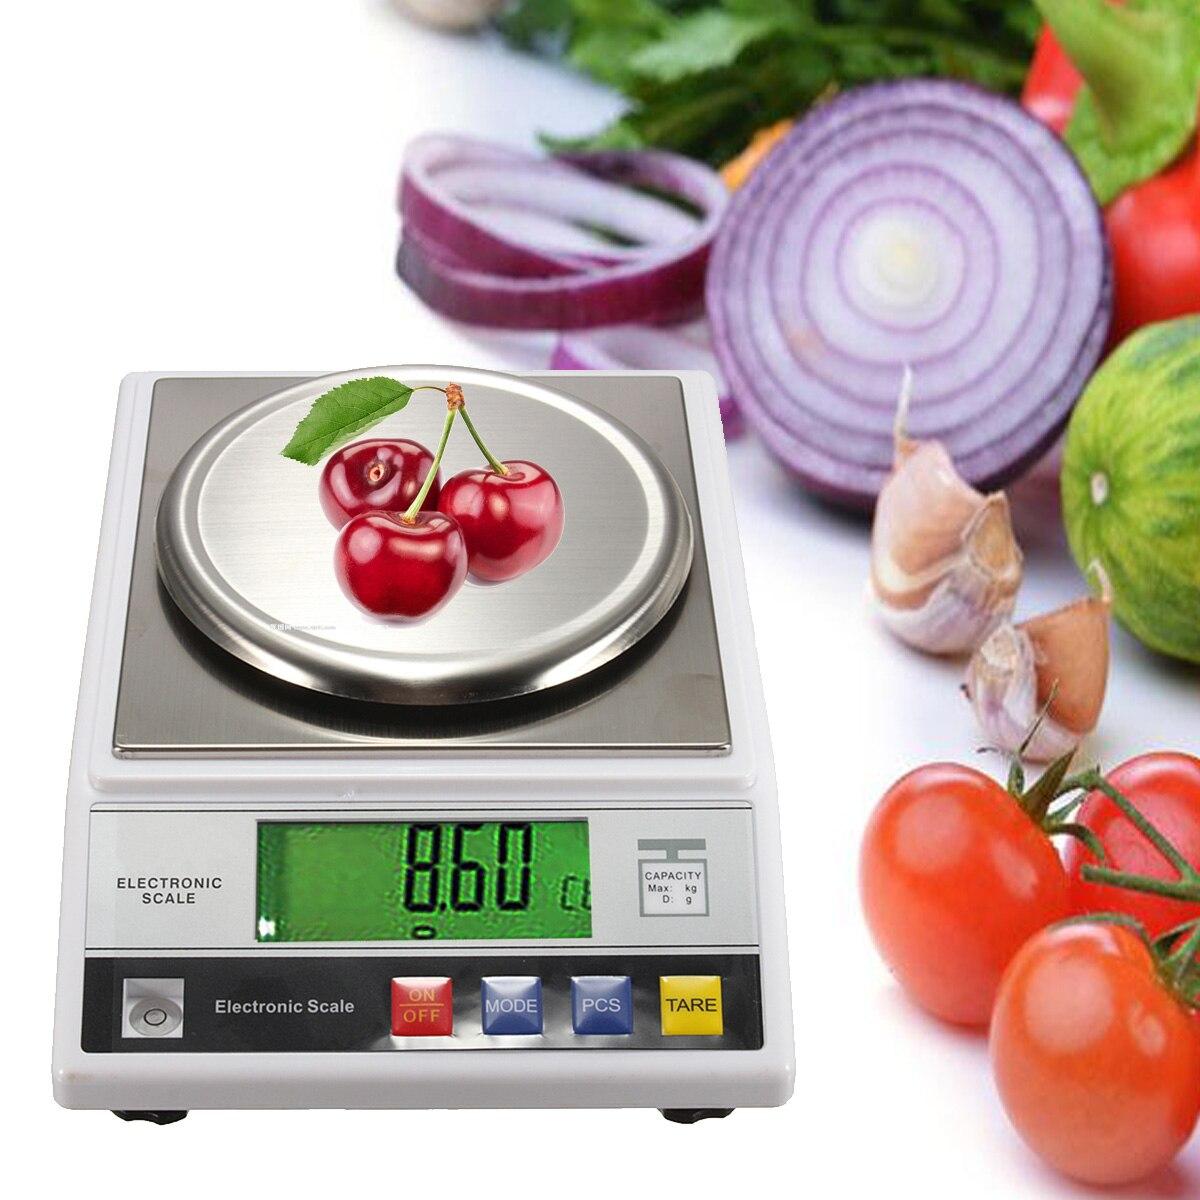 Nueva 7,5 V DC 200mA 2 kg LCD Digital escala eléctrica joyas Balance de peso Gram con enchufe de ee.uu.